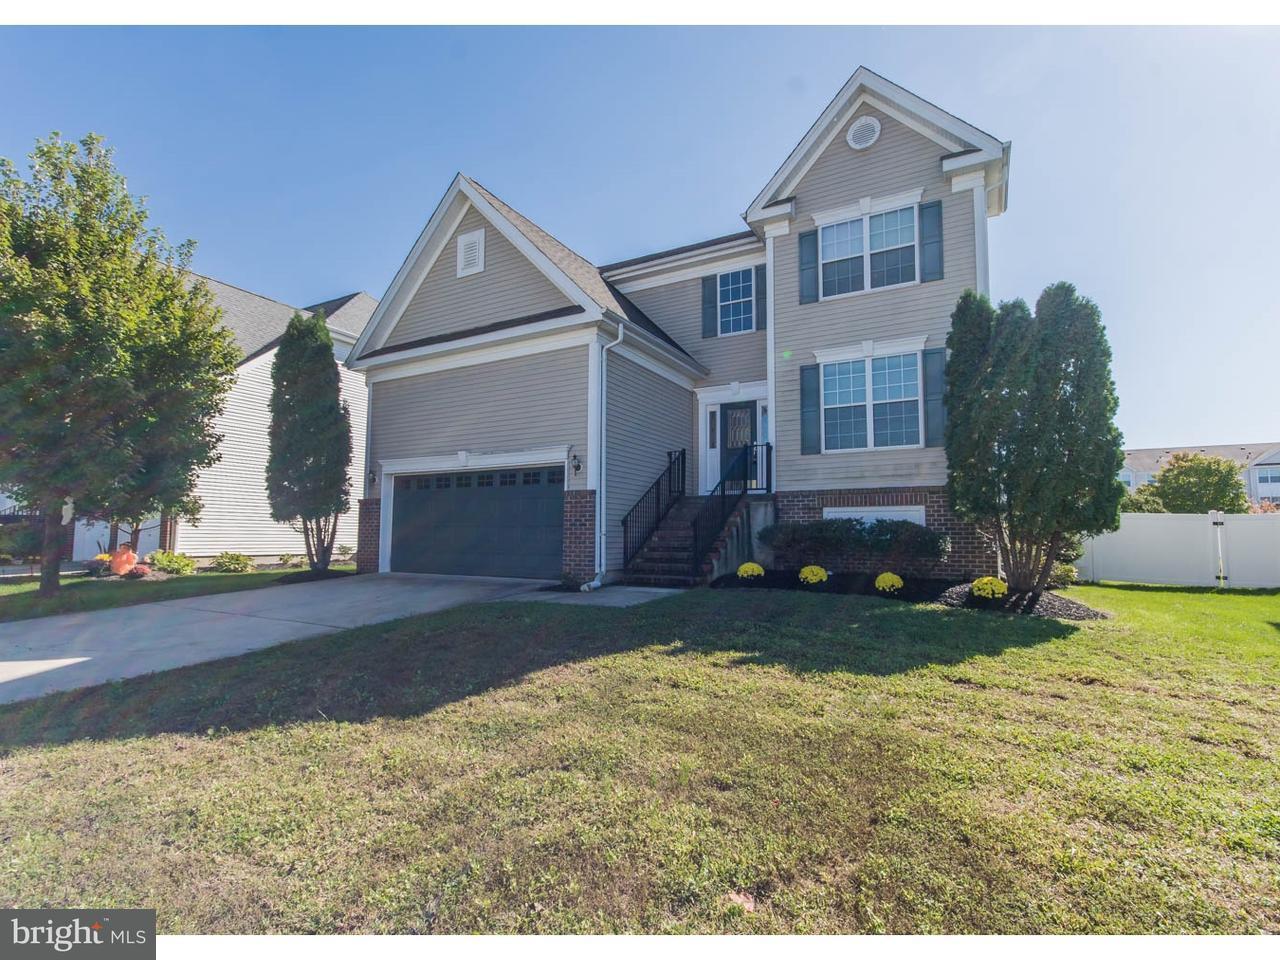 独户住宅 为 销售 在 503 SAXON Drive Thorofare, 新泽西州 08086 美国